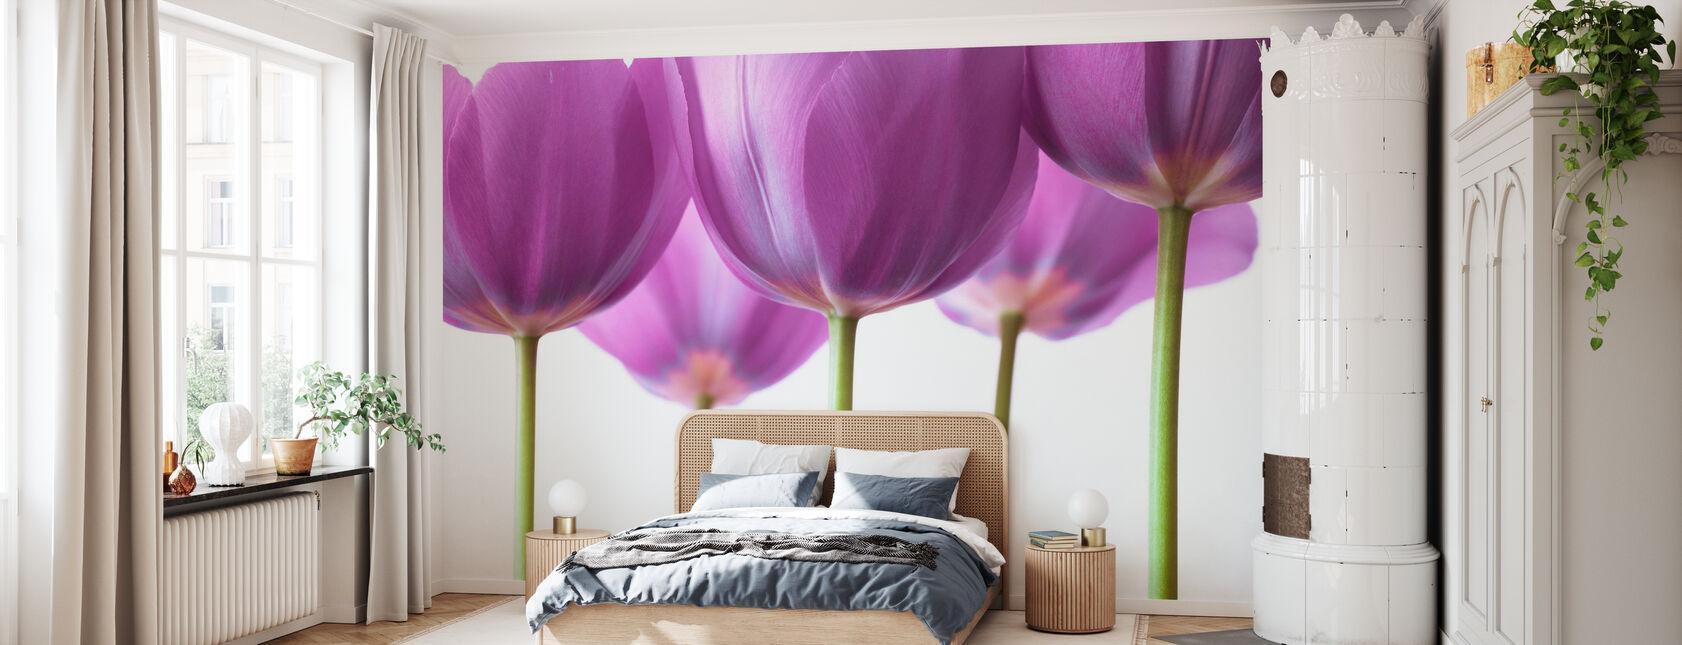 Tulipanes - Papel pintado - Dormitorio